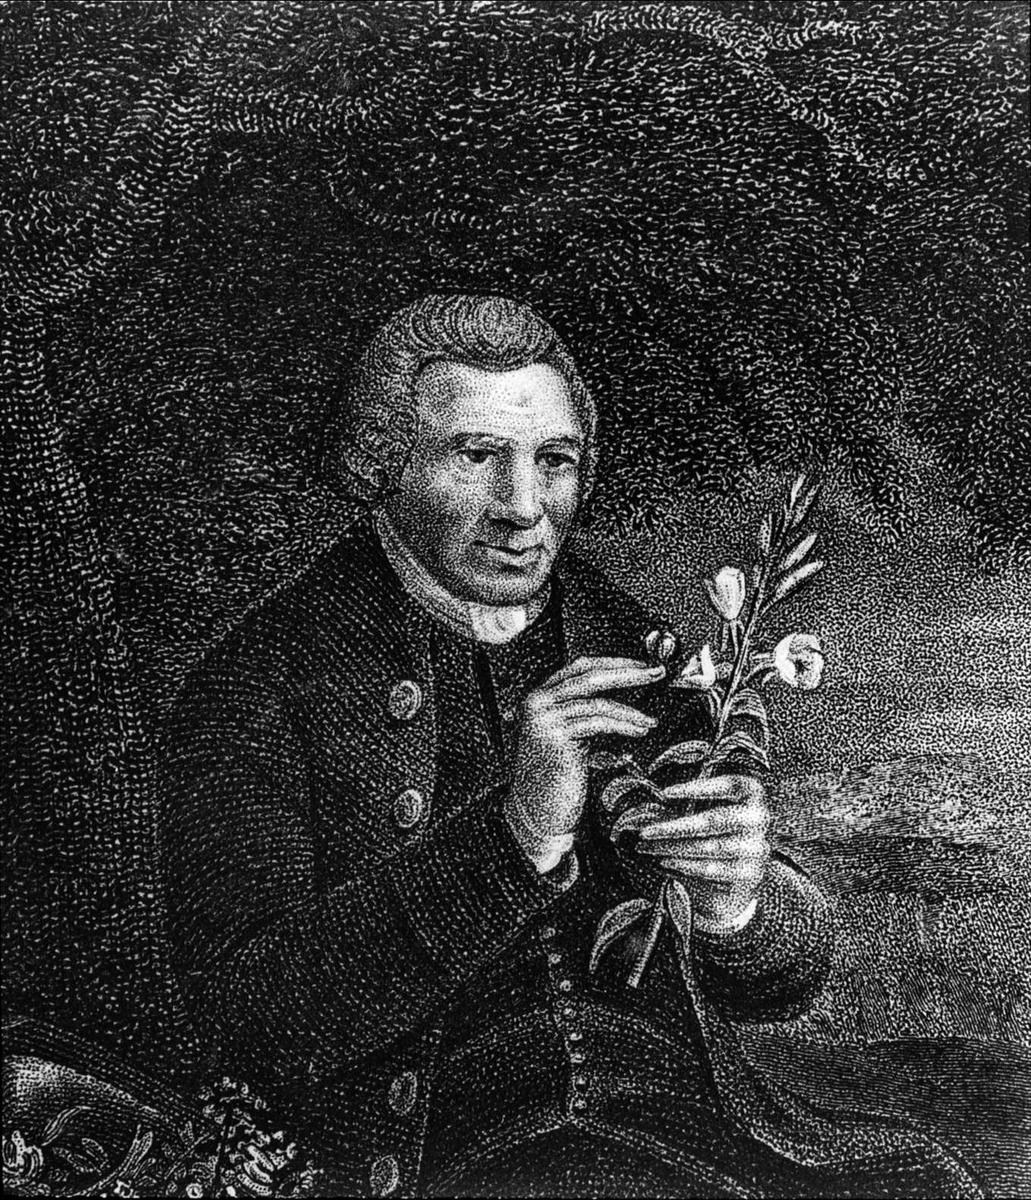 Porträtt av en man som studerar en växt